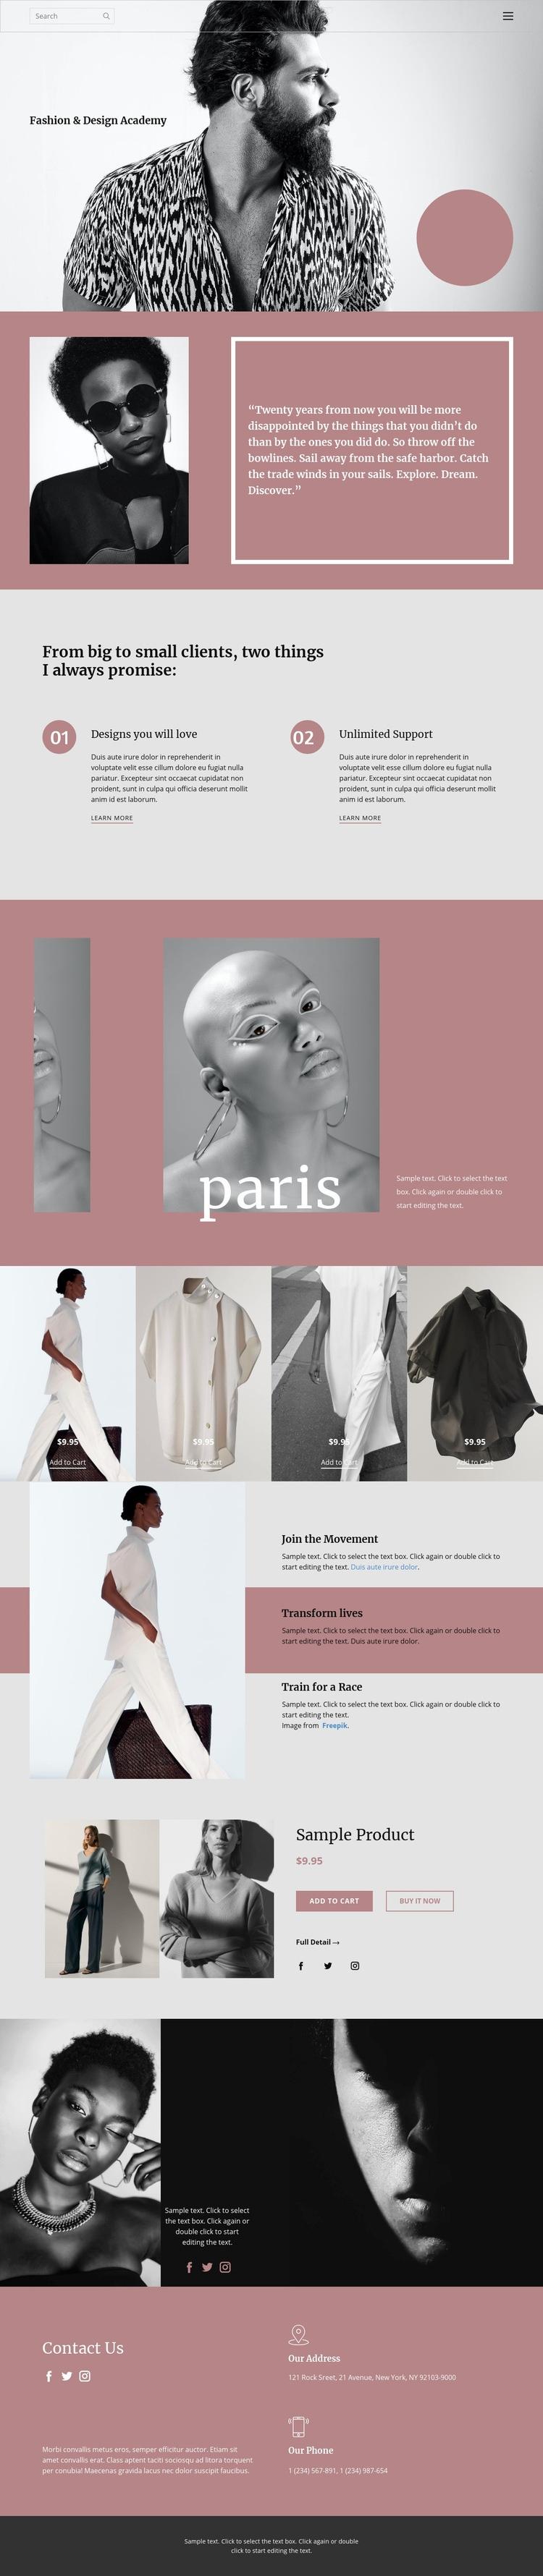 Fashion studio Wysiwyg Editor Html